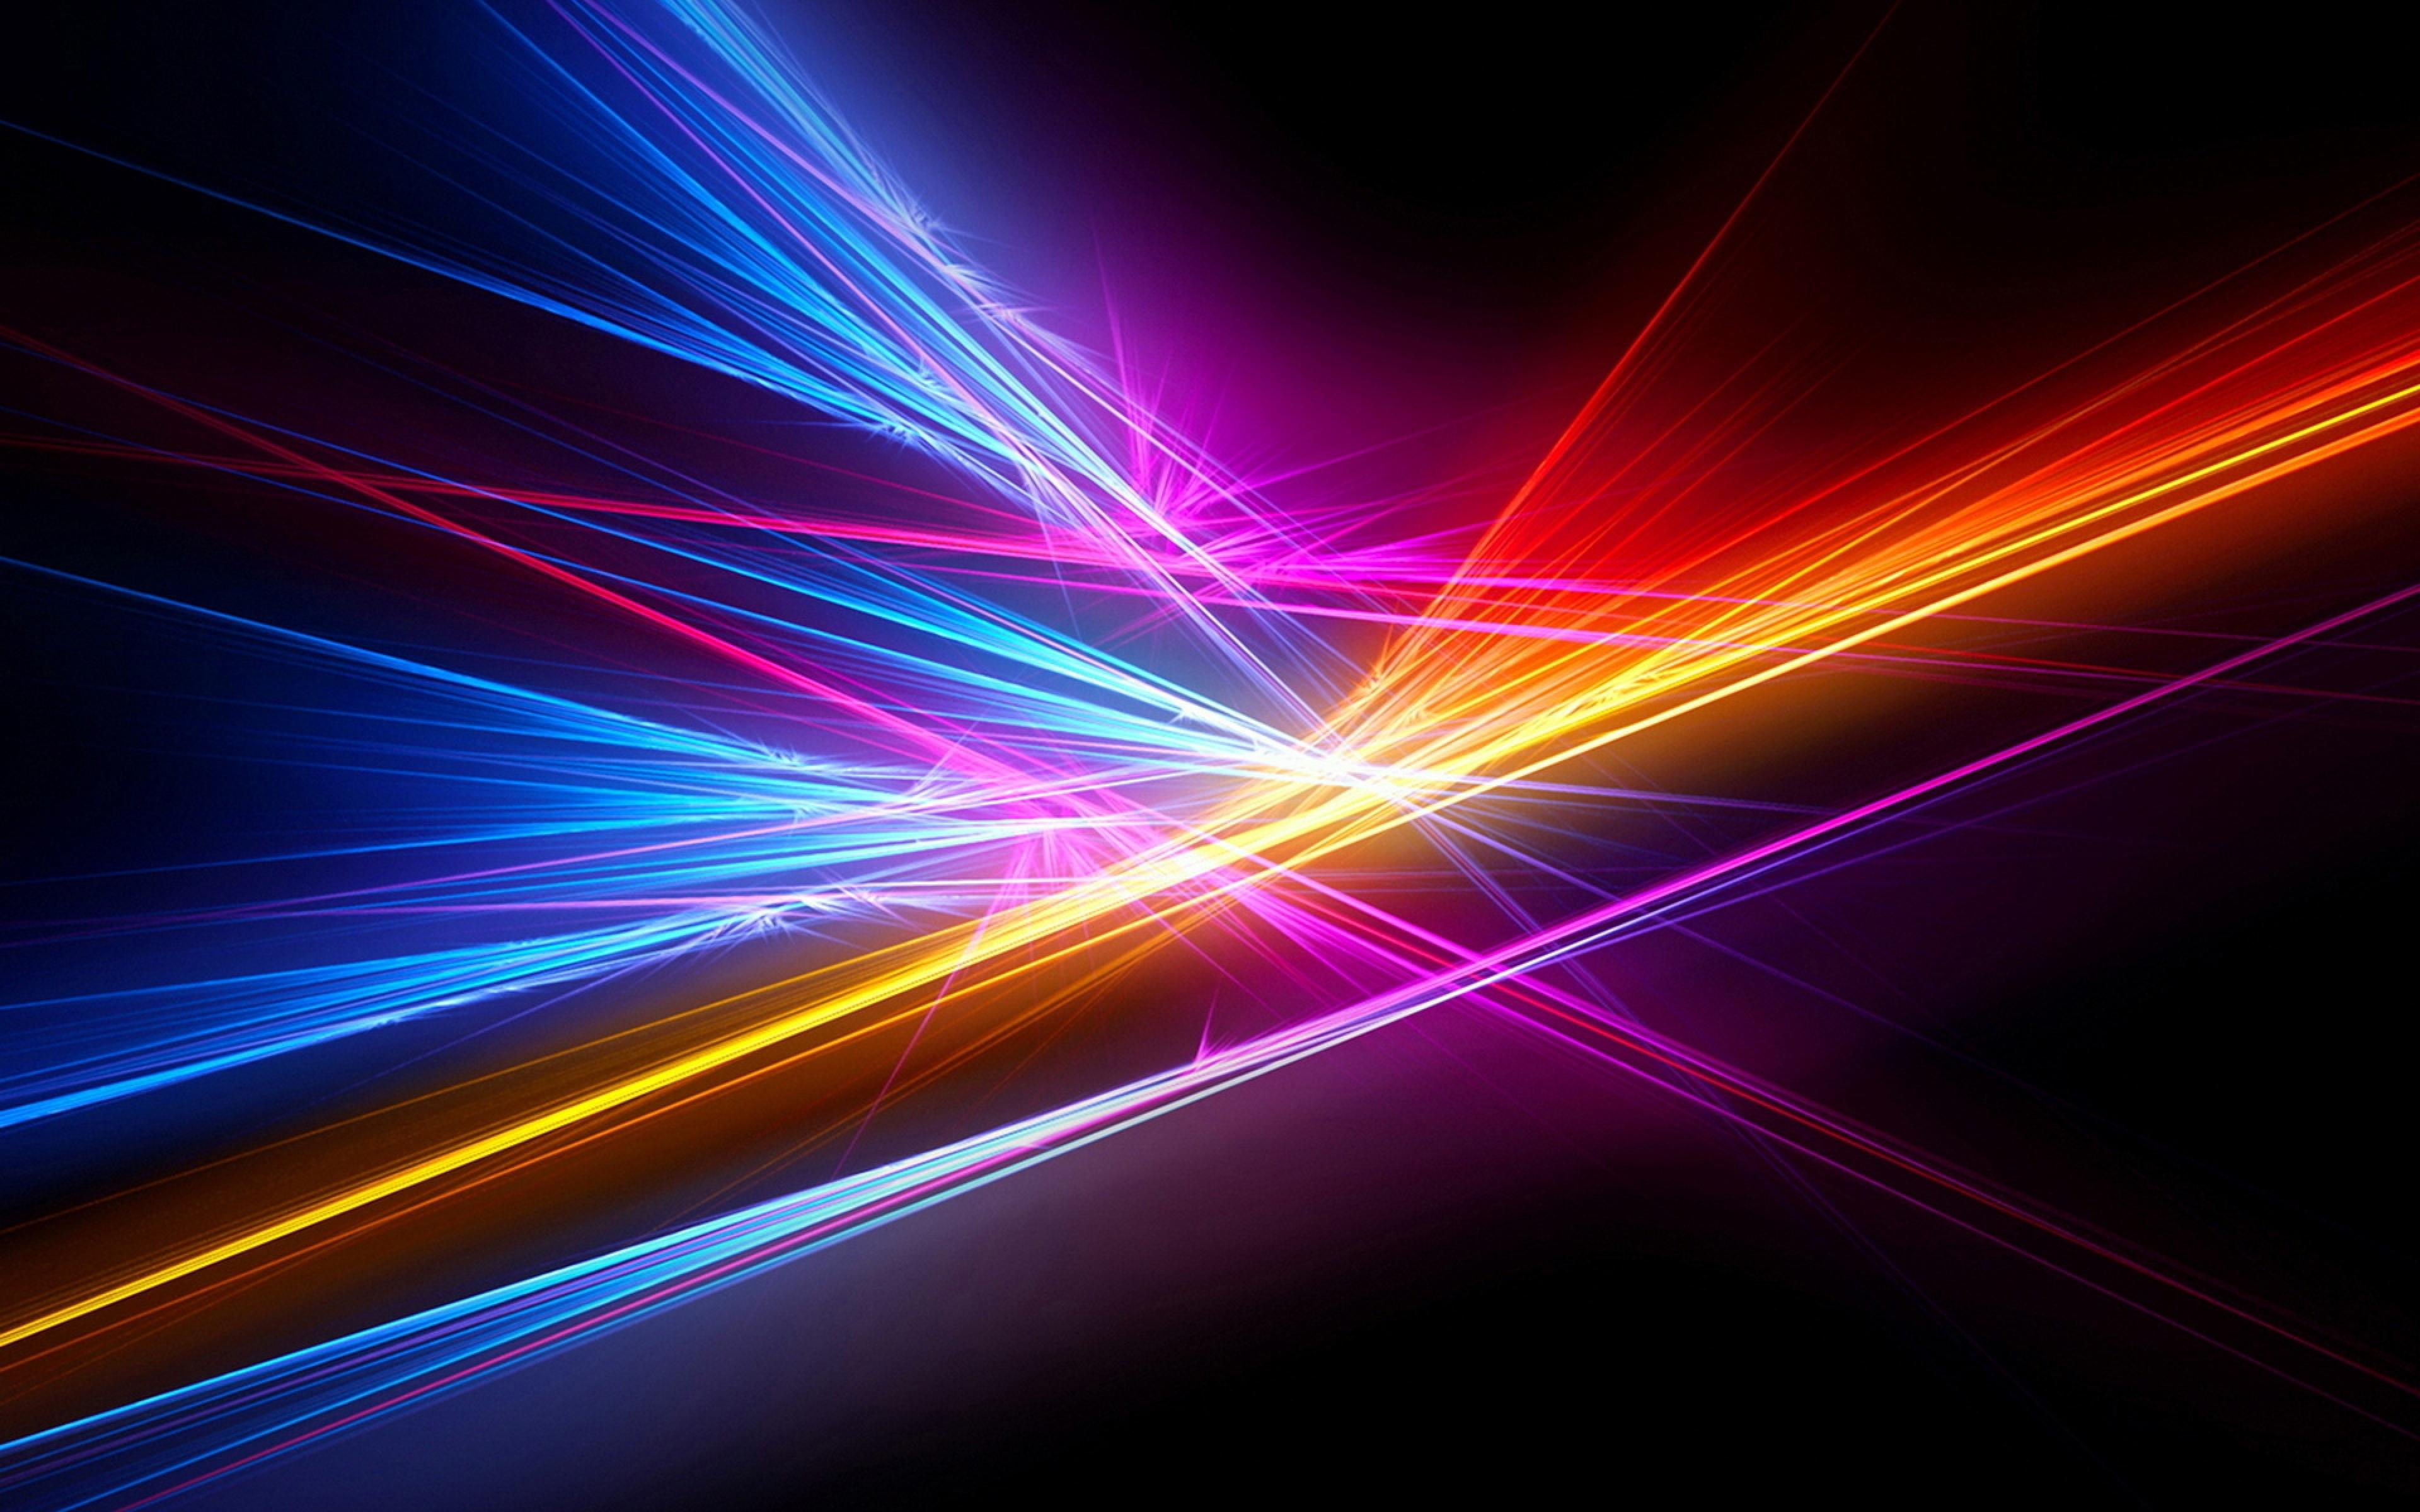 Magic Lines V2.8